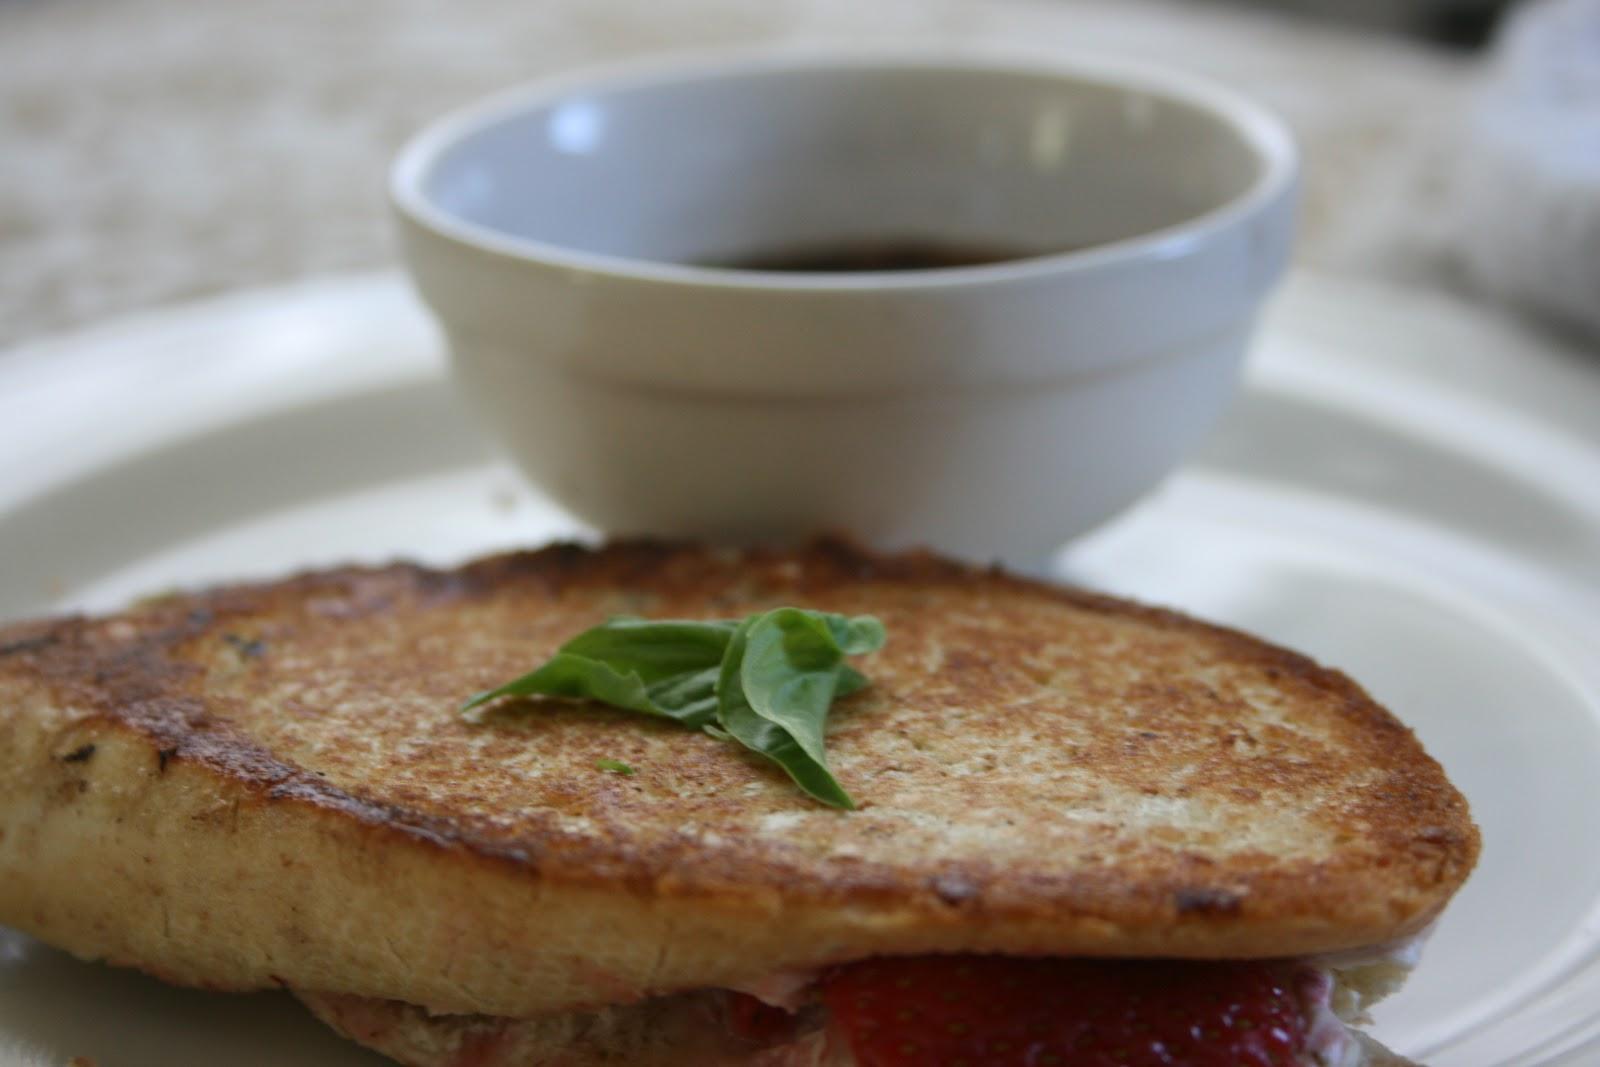 Pleasing Palate: Strawberry, Basil and Goat Cheese Panini